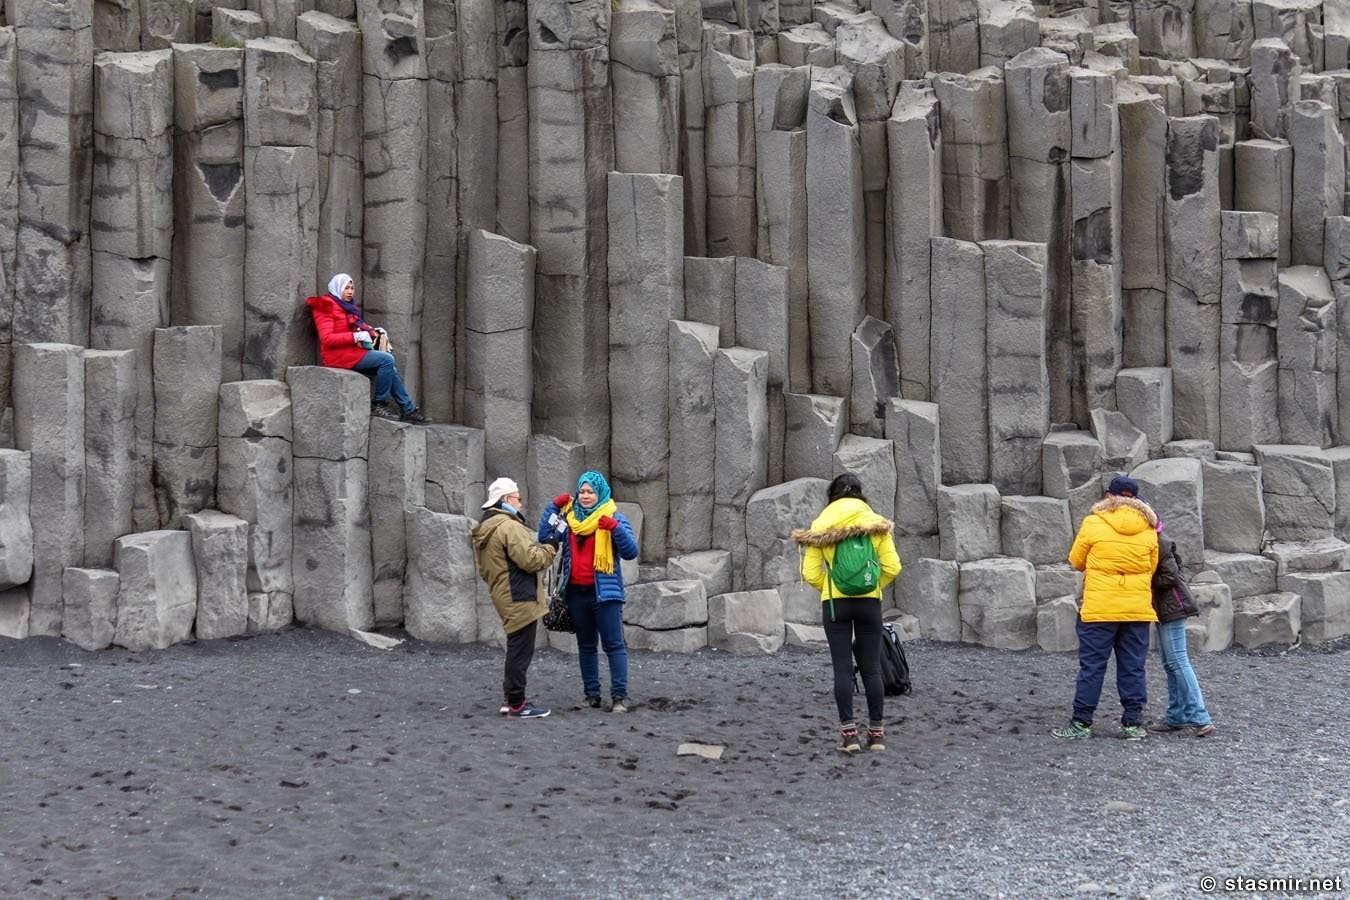 На Рейнисфйауре станет безопаснее. Базальтовые колонны на побережье Рейнисфйаура (Рейнисфьяра) в Южной Исландии недалеко от Вика. В народе это место известно как «черный пляж», Reynisfjára по-исландски, Reynisfjara в стандартной латинице. В русском инете иногда называют это место «пляж персты тролей». Фото Стасмир, photo Stasmir